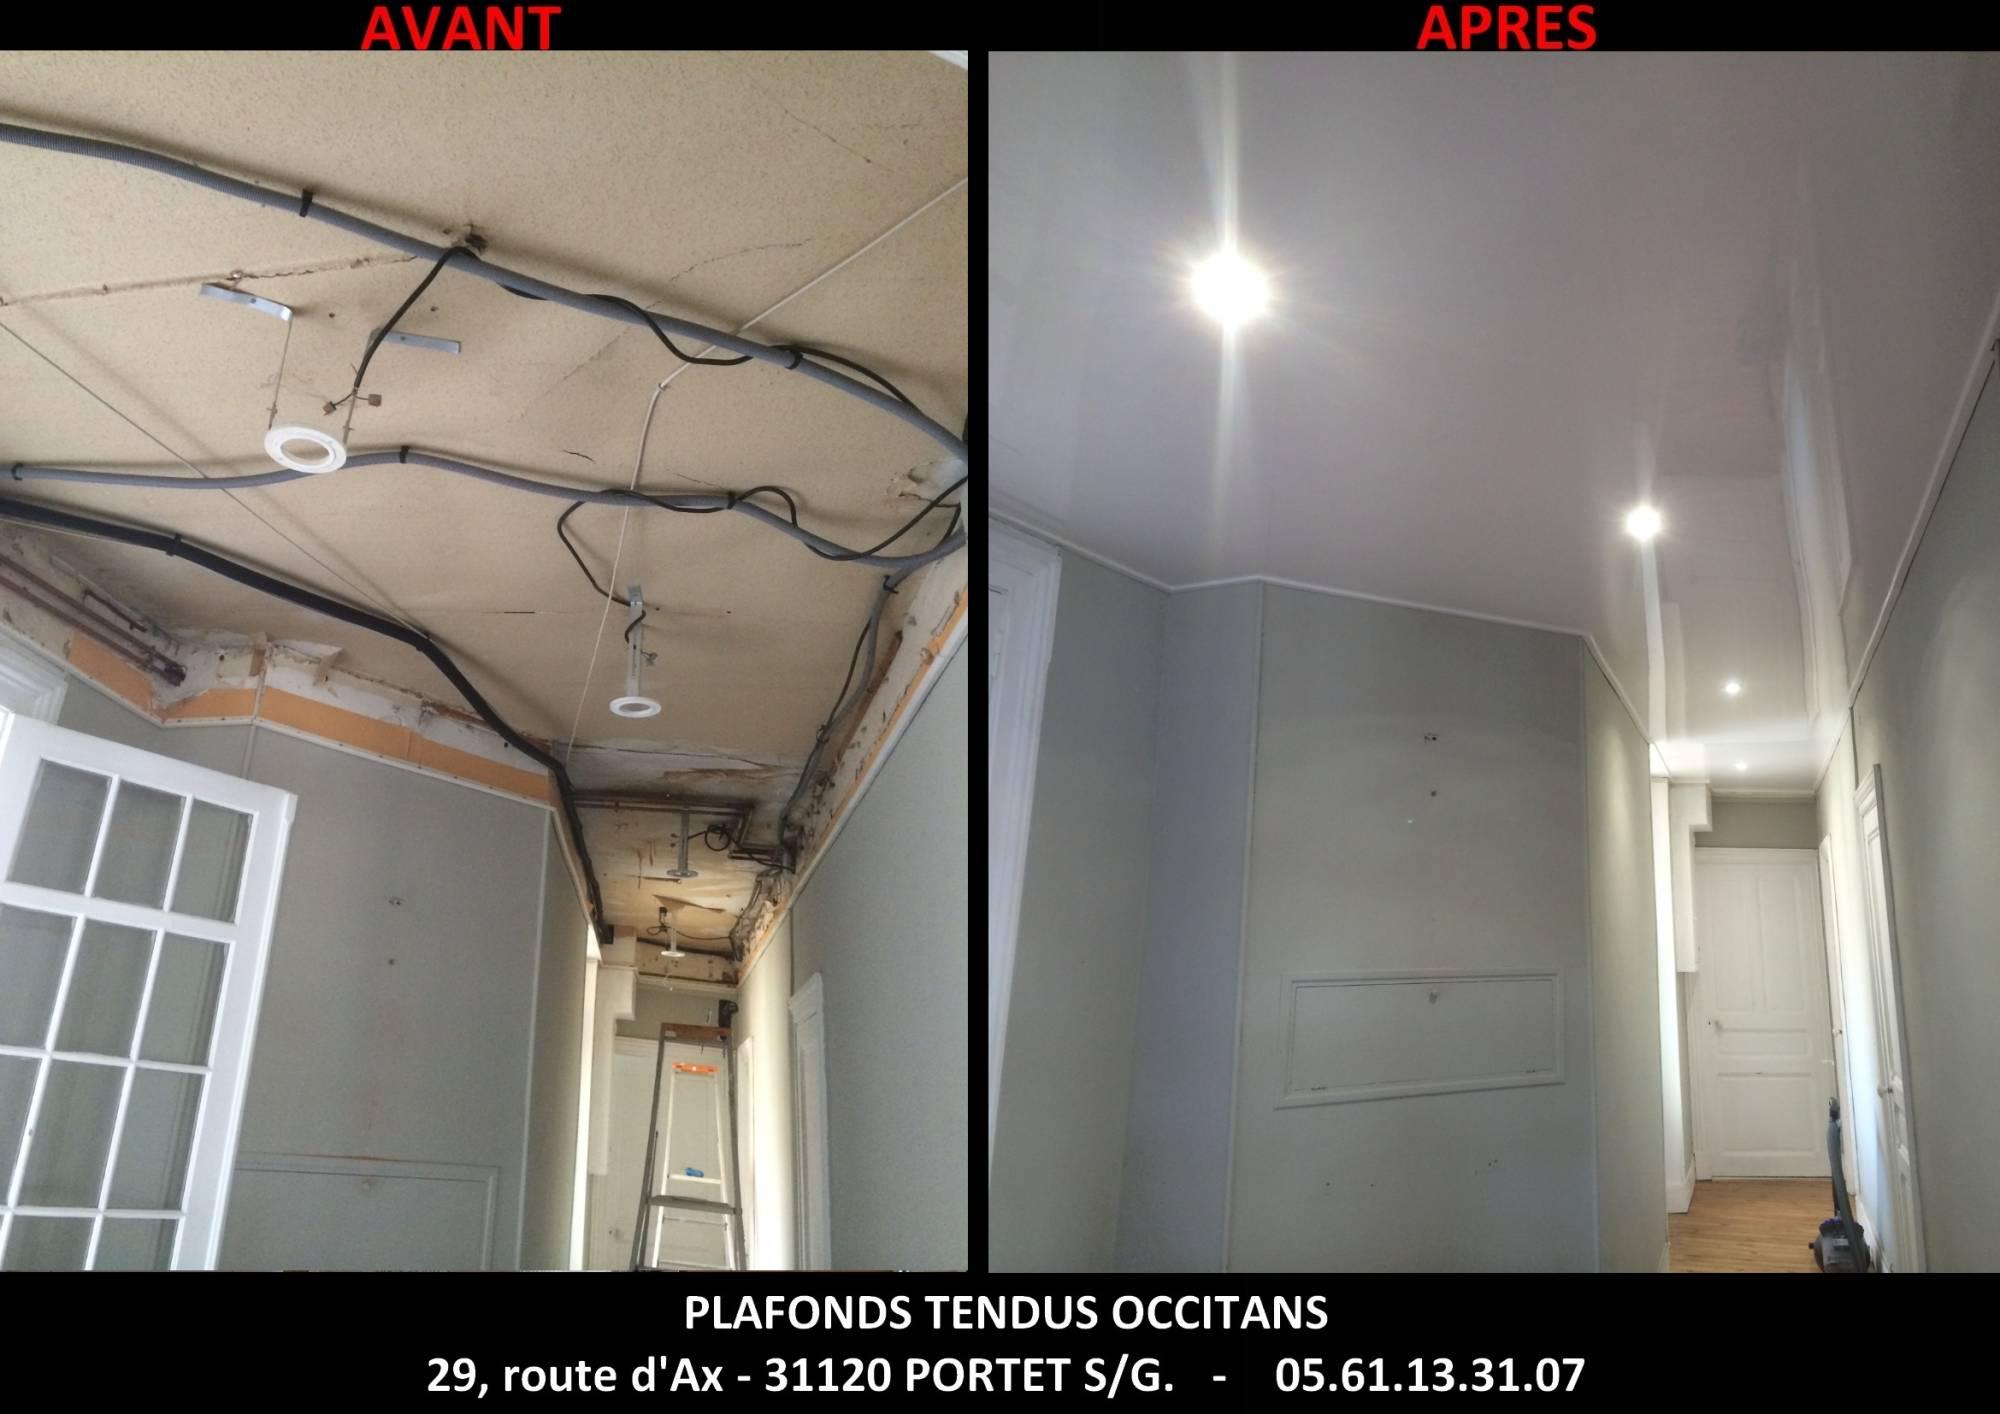 comment installer des spots dans un faux plafond tendu barrisol auch pose de faux plafonds. Black Bedroom Furniture Sets. Home Design Ideas